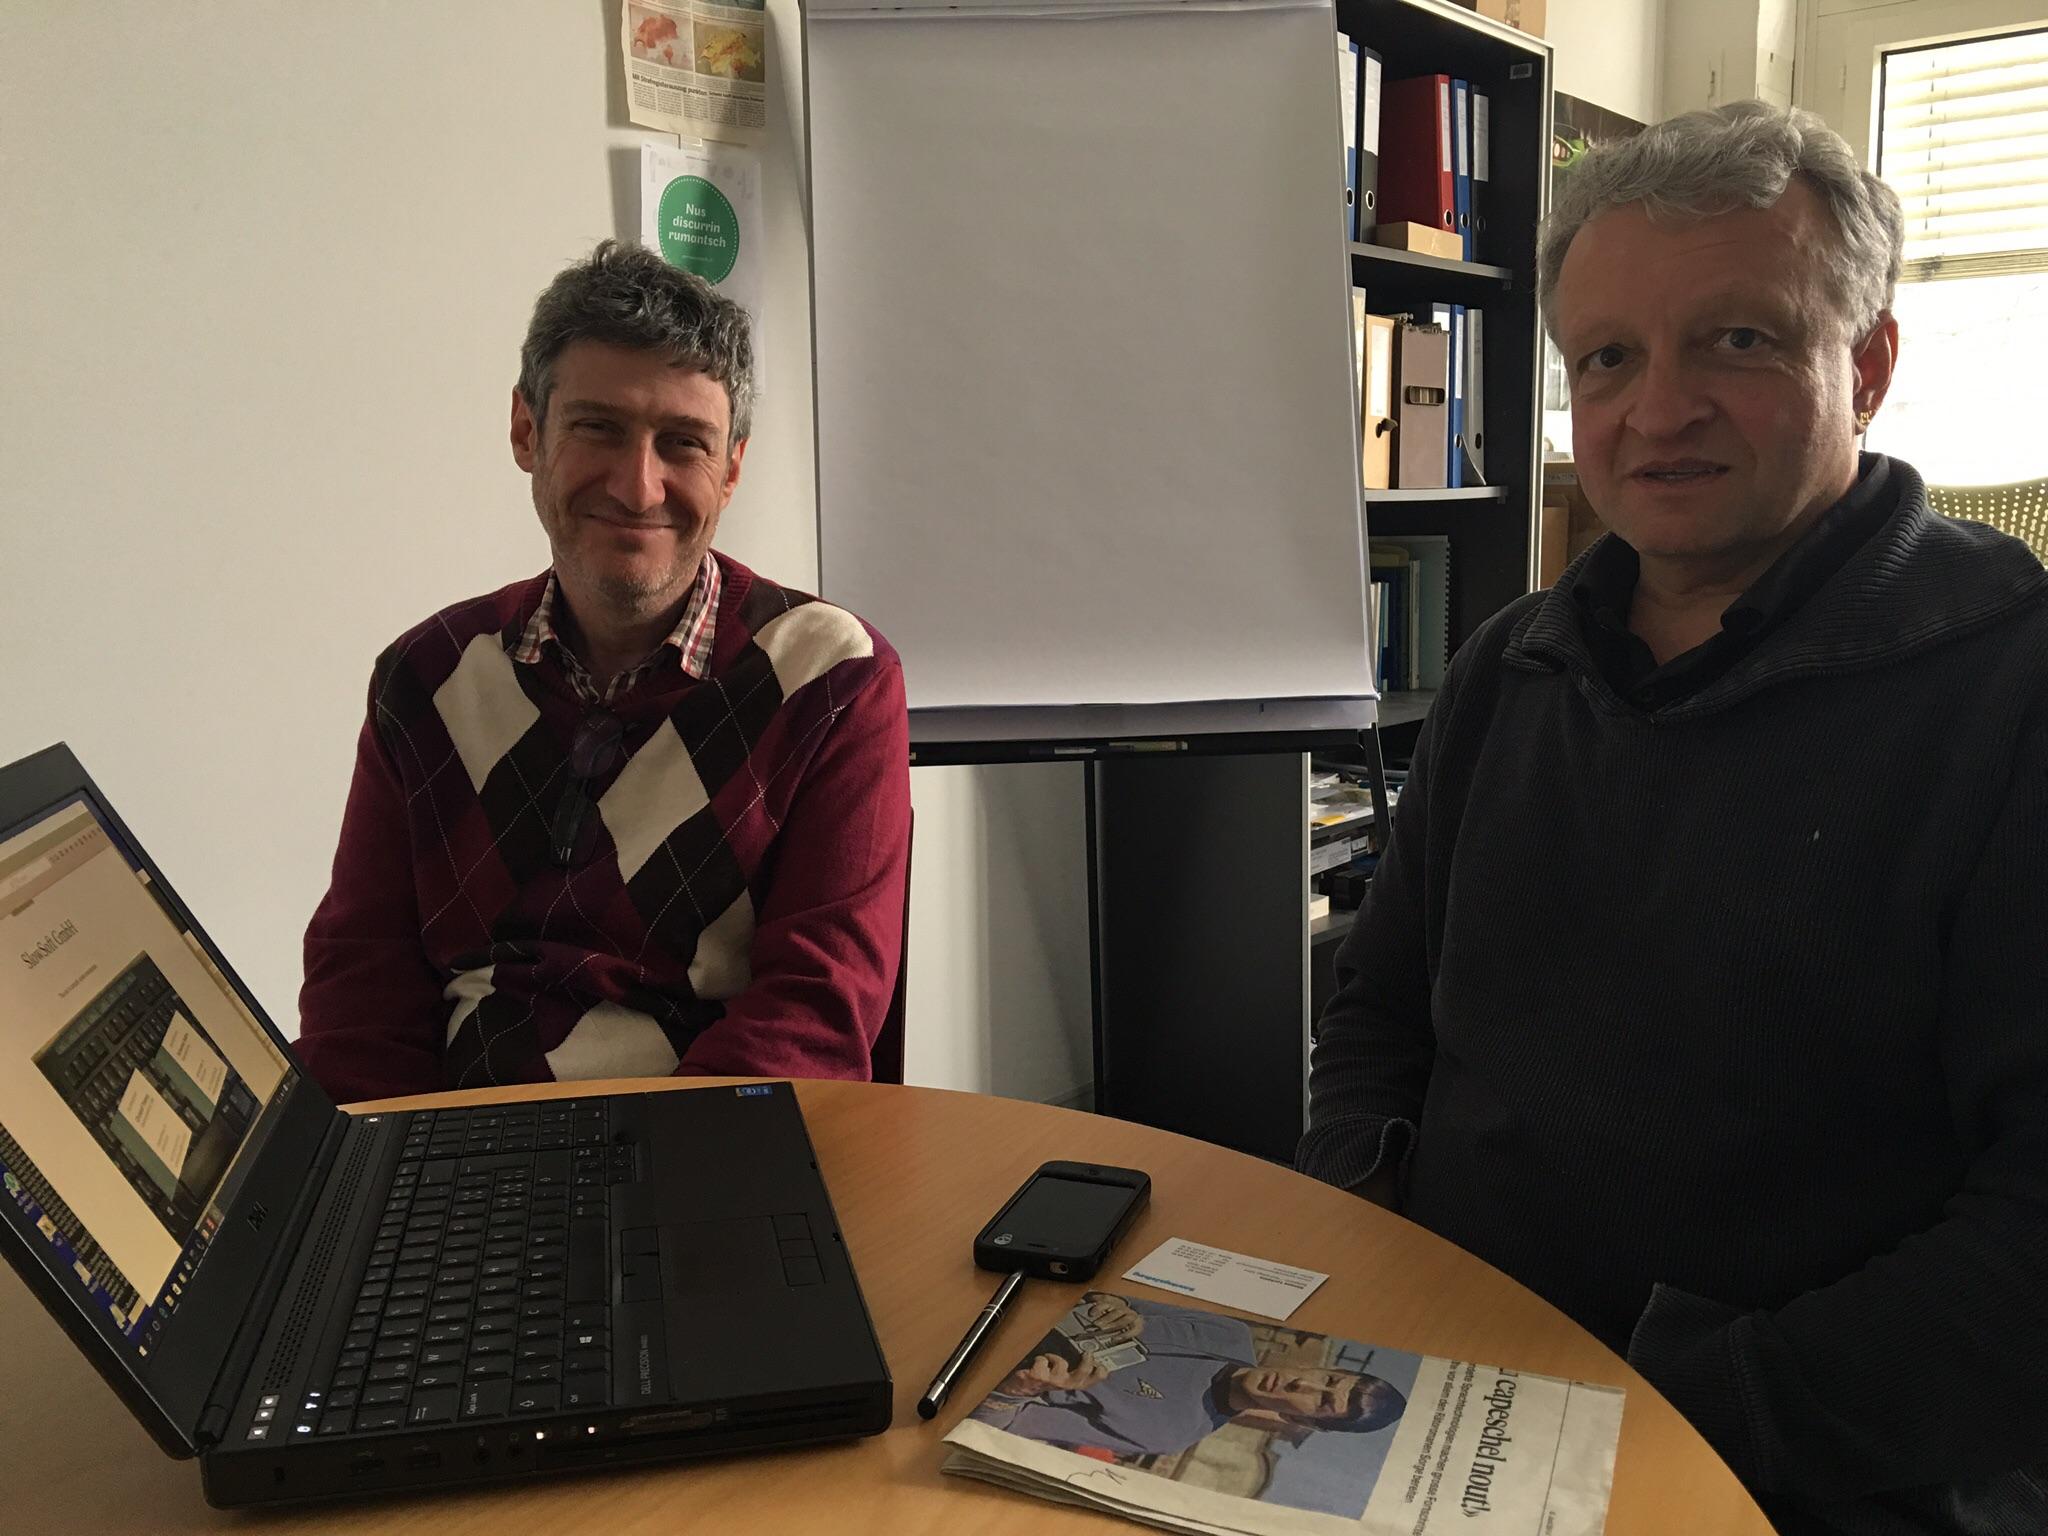 Christof Traber (r.) und Schamal Safra von Slowsoft bauen eine Computerstimme, die Rätoromanisch spricht.